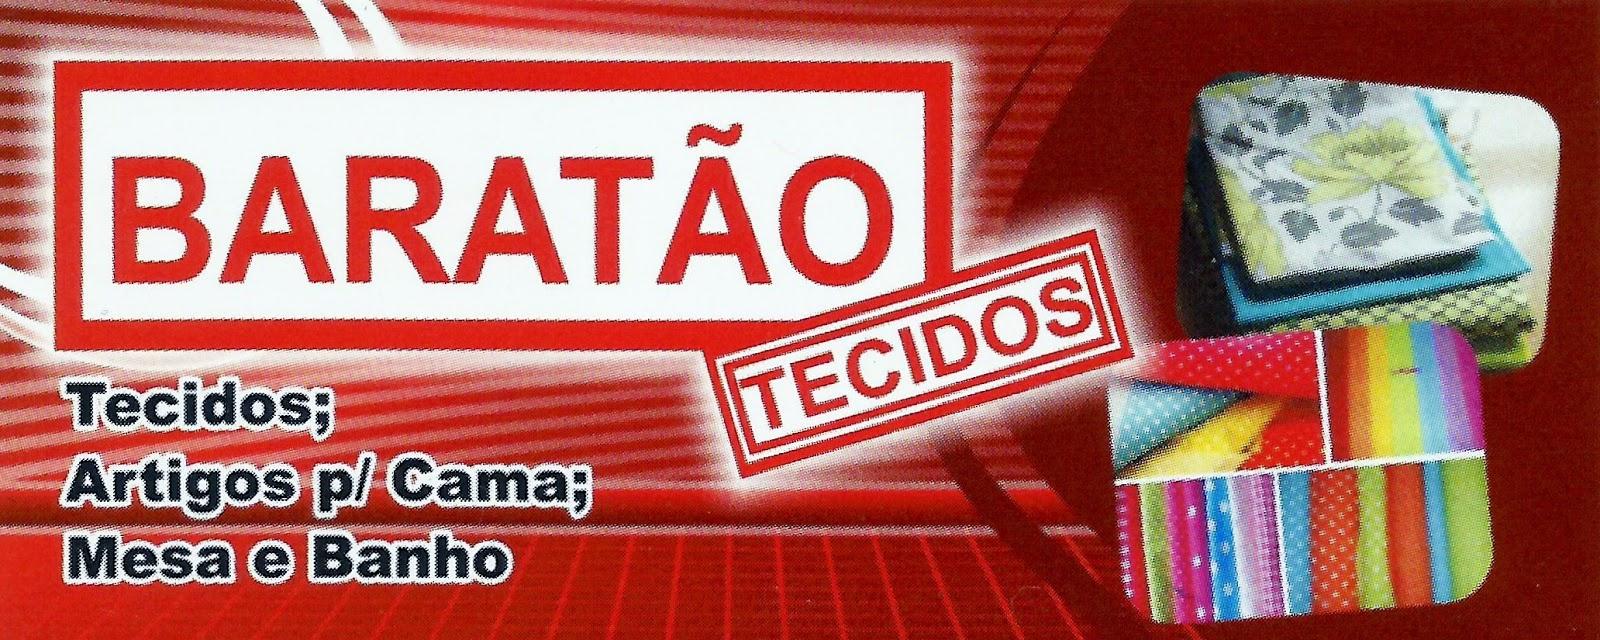 BARATÃO TECIDOS Tecidos, Artigos p/ Cama, Mesa e Banho Rua. Dr. Júlio Prestes, 450 Centro - Itapetininga - SP tel: (15) 3271-2184 / 3272-3505